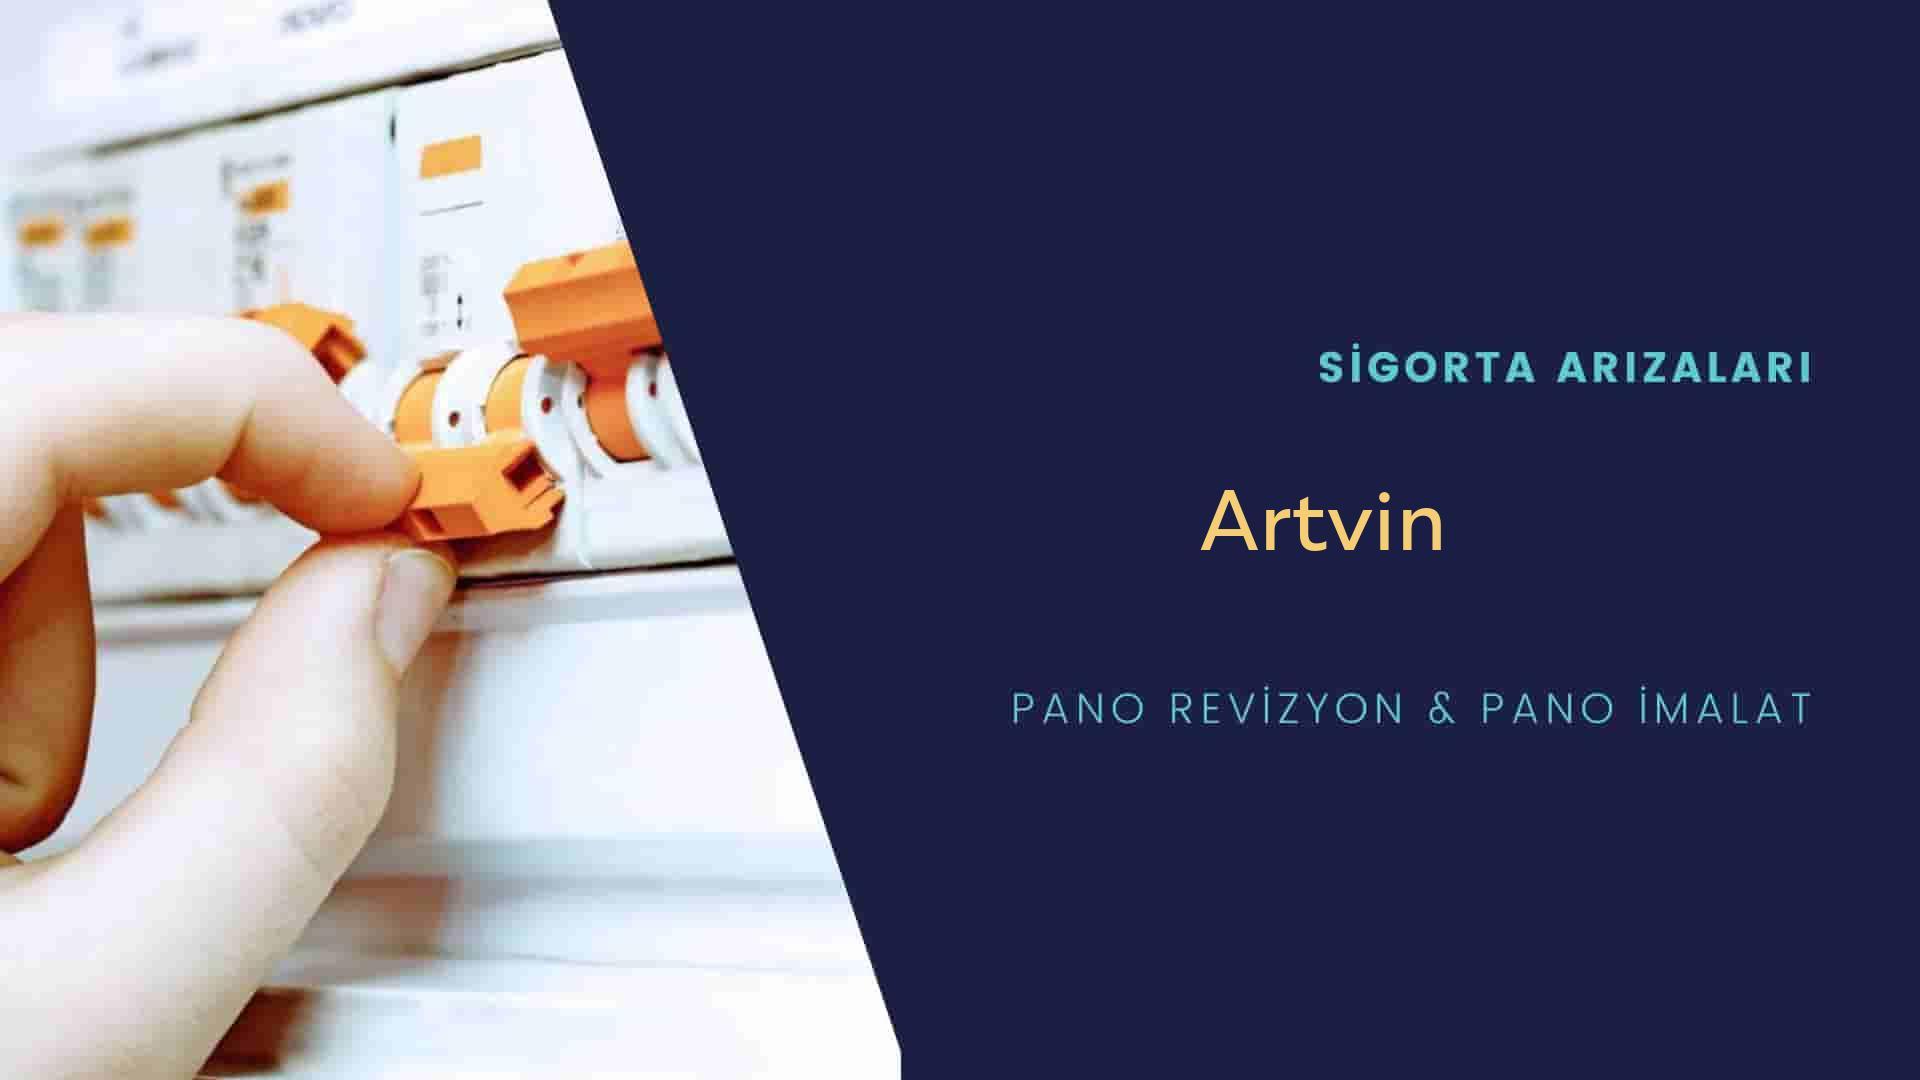 Artvin Sigorta Arızaları İçin Profesyonel Elektrikçi ustalarımızı dilediğiniz zaman arayabilir talepte bulunabilirsiniz.